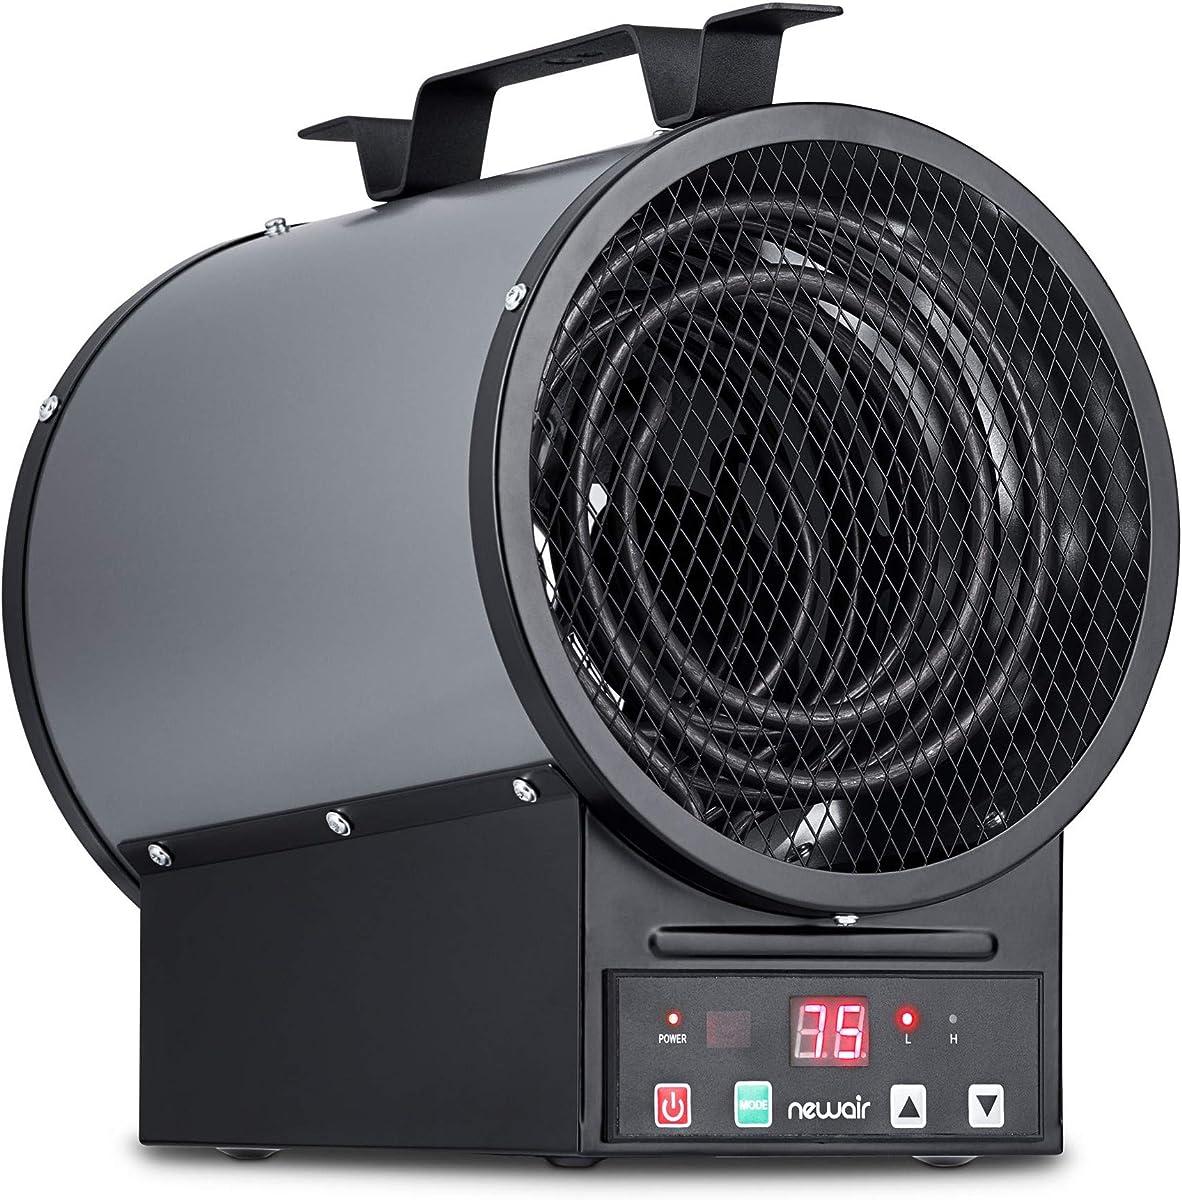 Elegant garage heater 240 volt